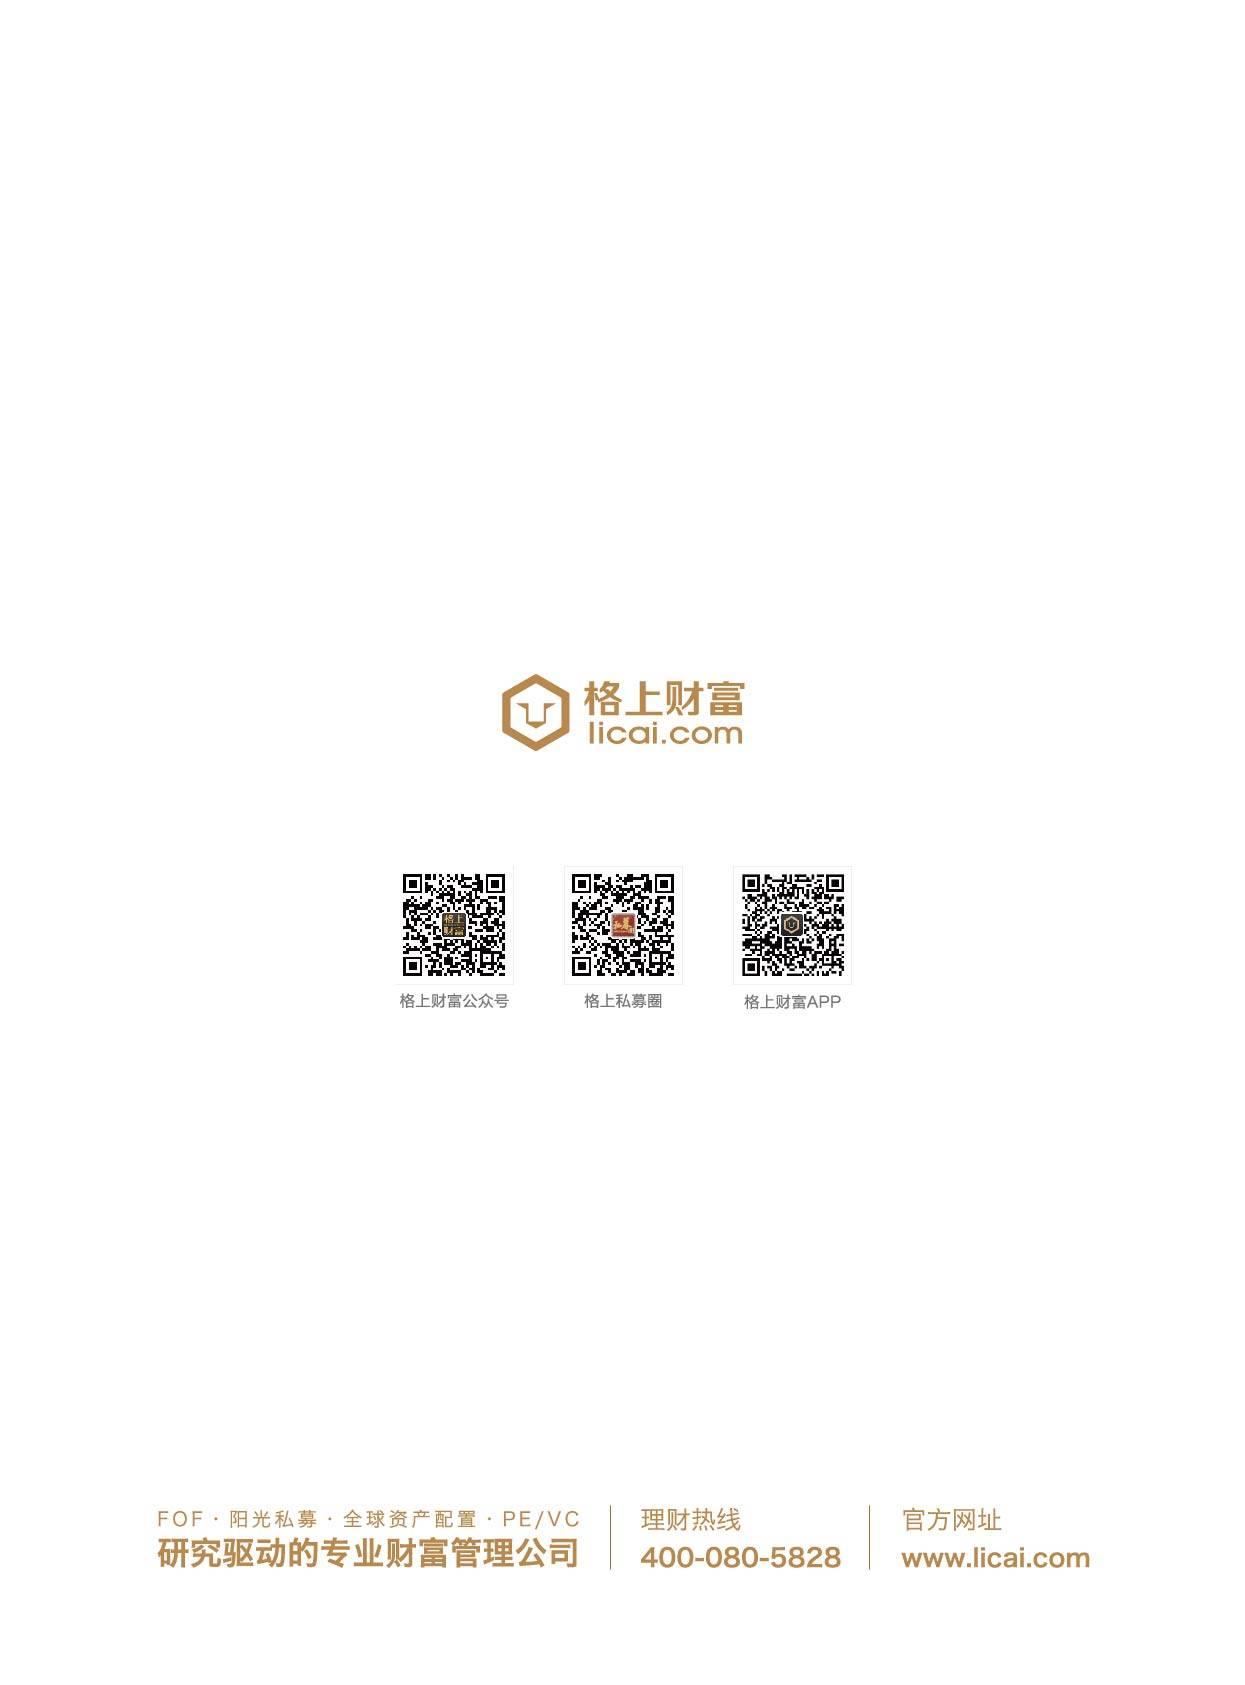 gbm-richtext-upload-1561365380483